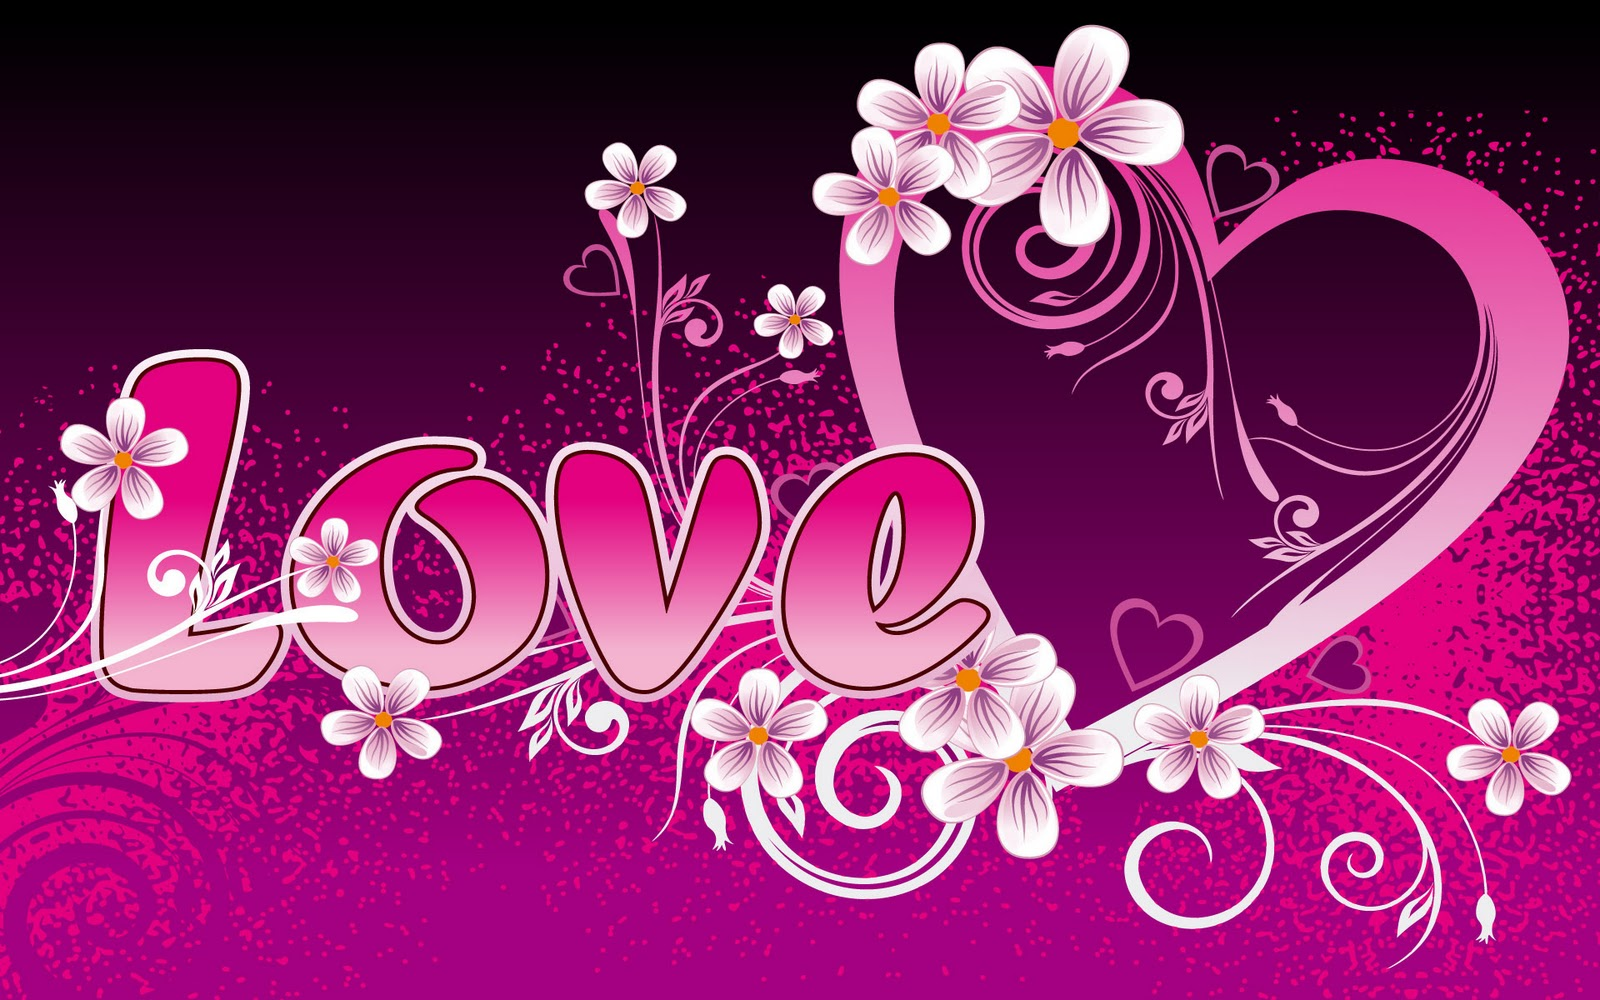 http://2.bp.blogspot.com/-HFvc-wST7oI/Tn9UeiQzZgI/AAAAAAAAAVA/RzK2bSezoFs/s1600/Love-wallpaper-love.jpg